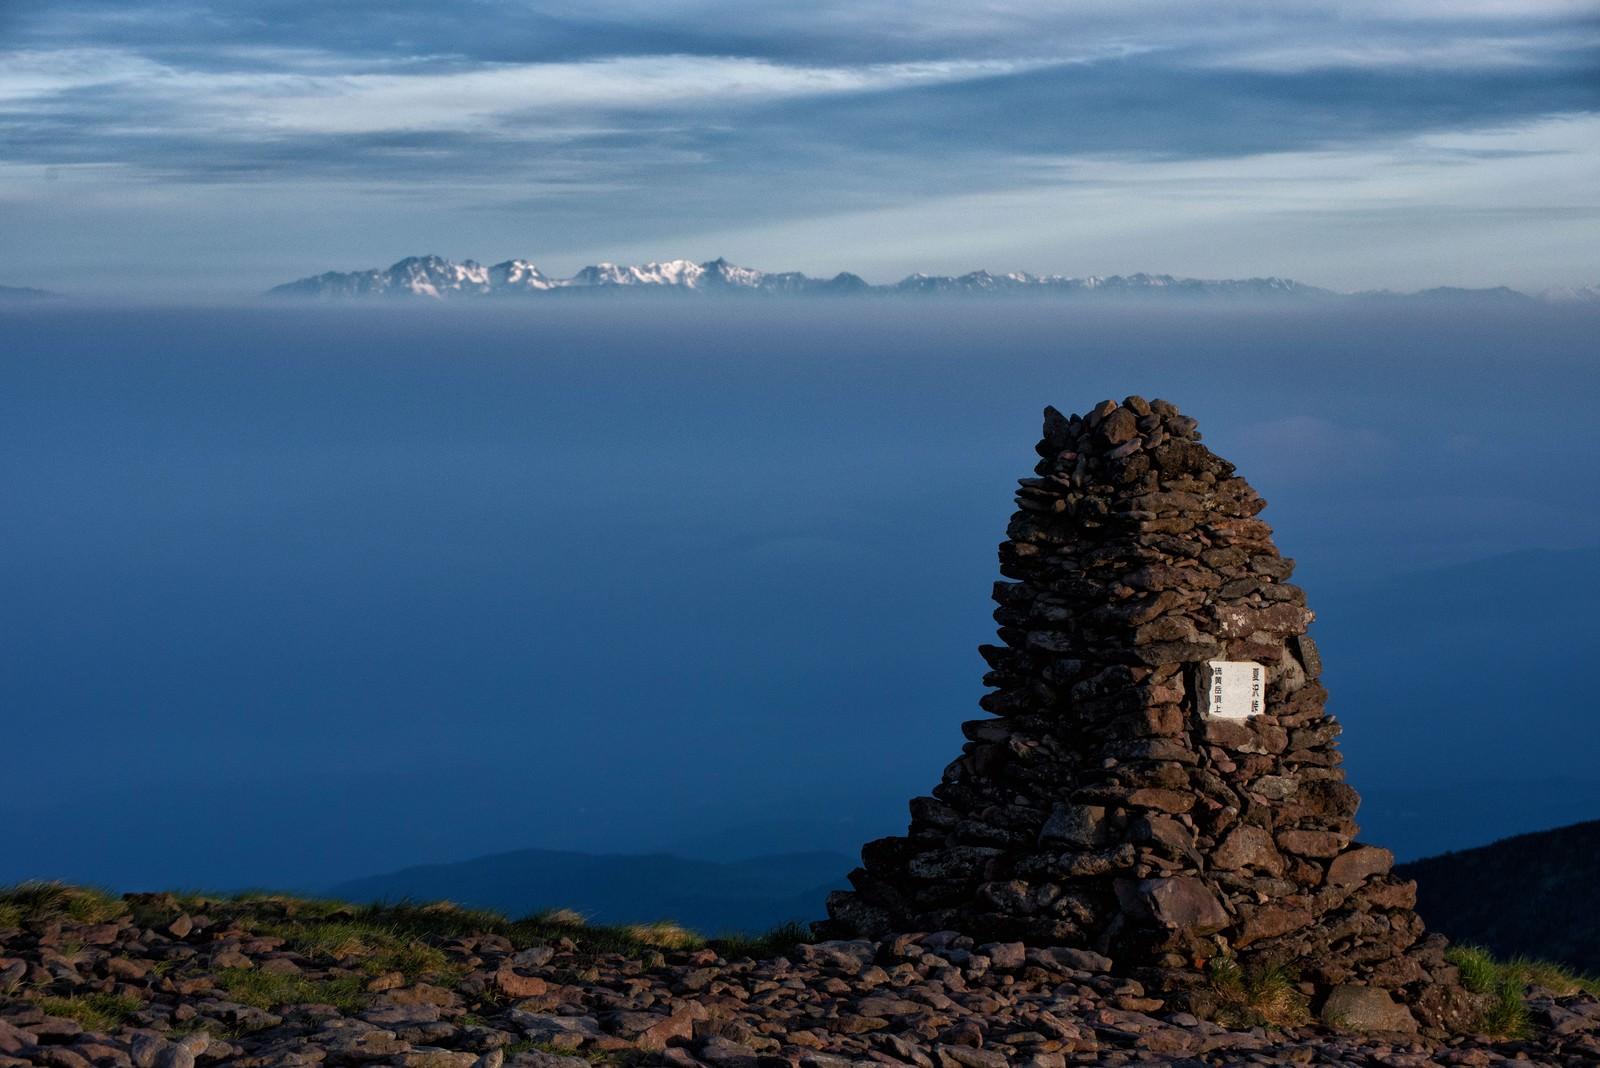 「硫黄岳のケルンと遥かに望む北アルプス | 写真の無料素材・フリー素材 - ぱくたそ」の写真